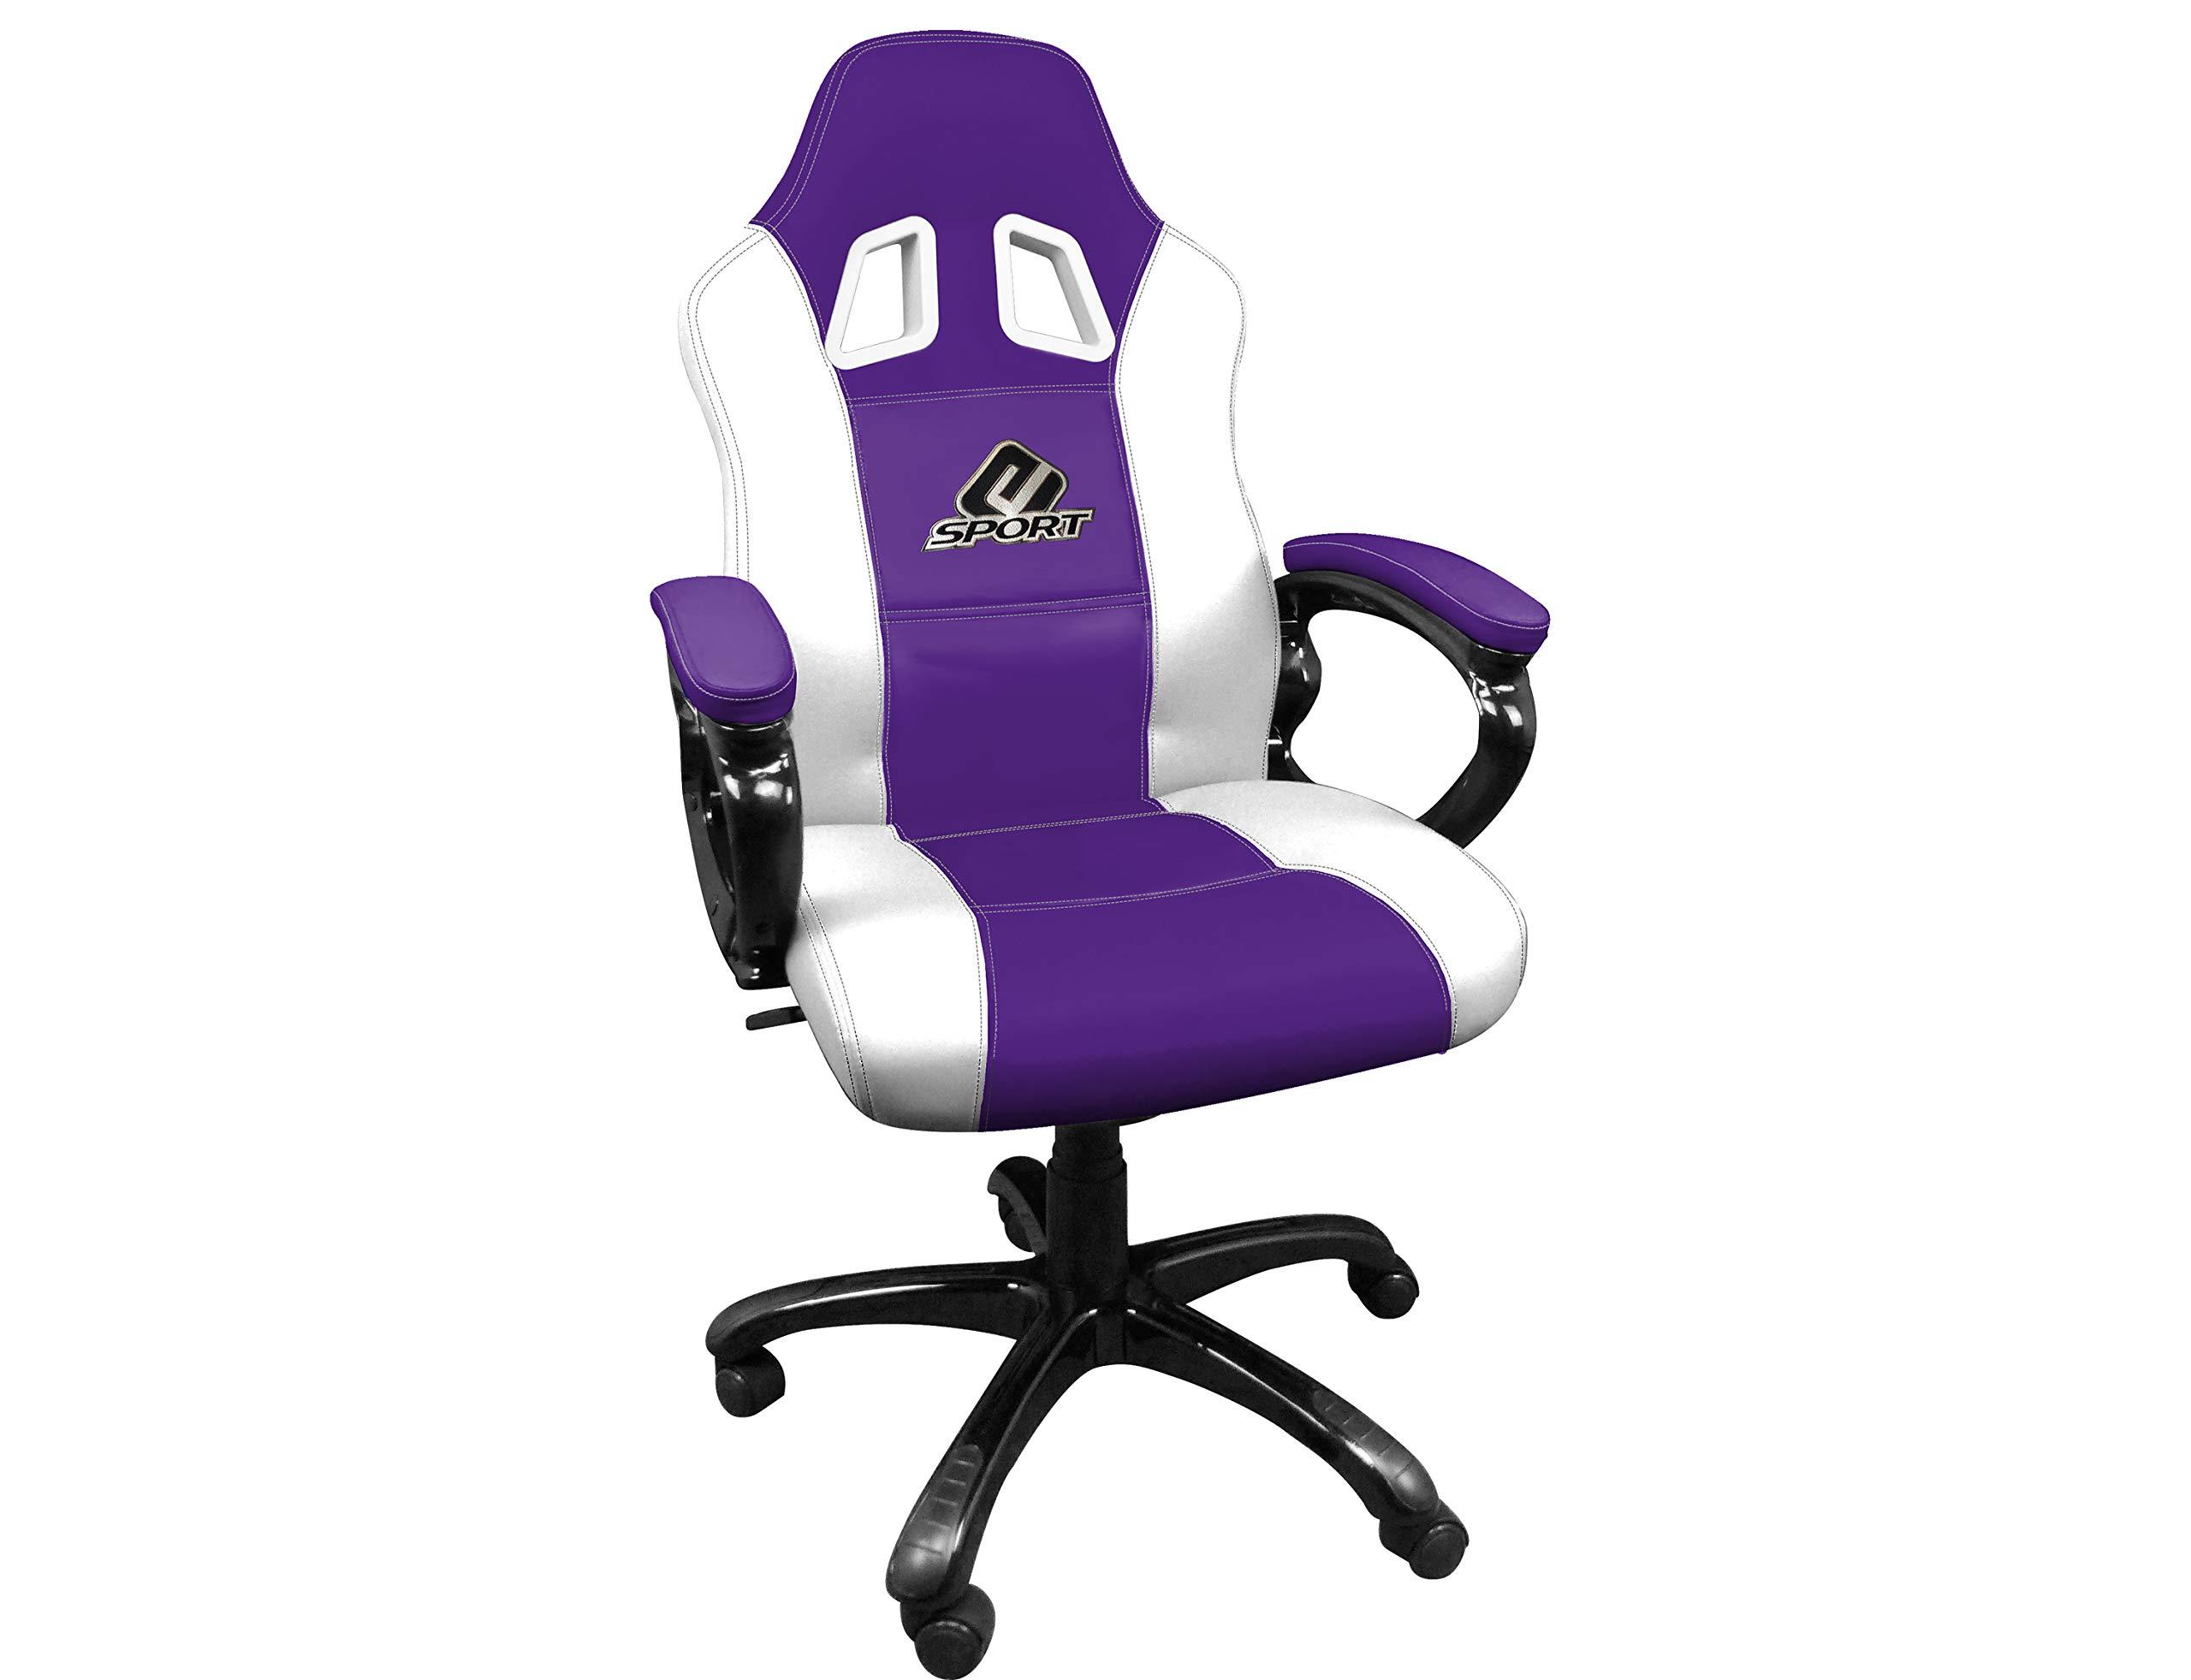 ゲーム用バケットシート - プレイヤー用シート、エルゴノミックレーシングシート - オフィスおよび回転椅子 - 電子スポーツ用アクセサリーE-スポーツパープル